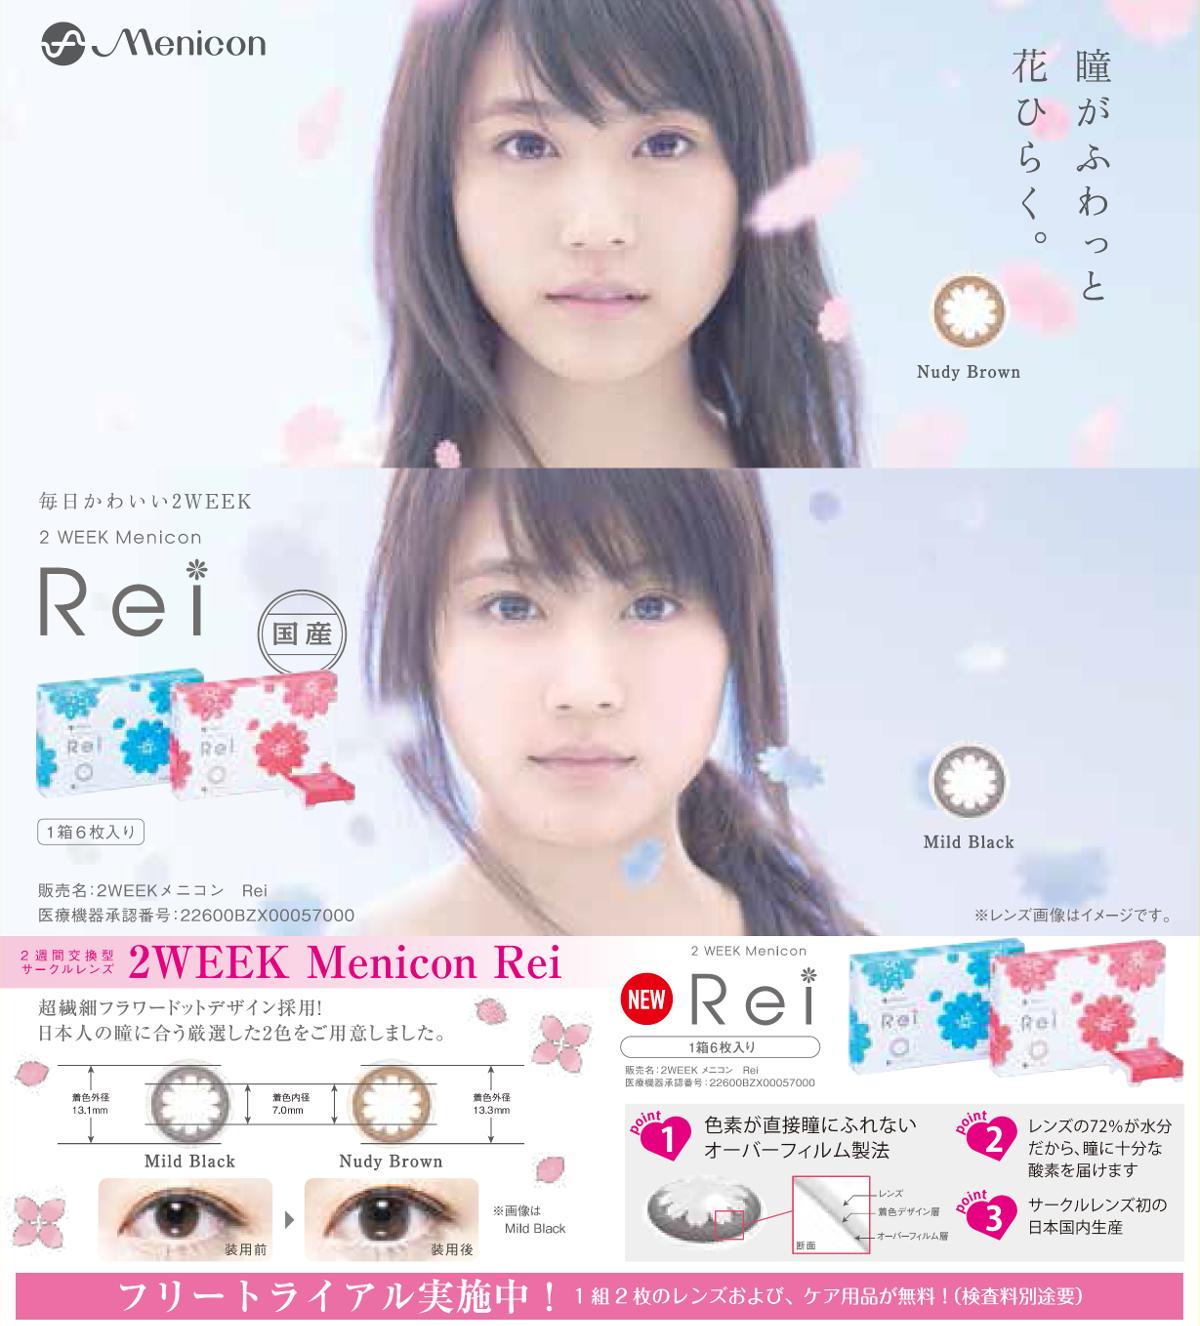 メニコン Rei